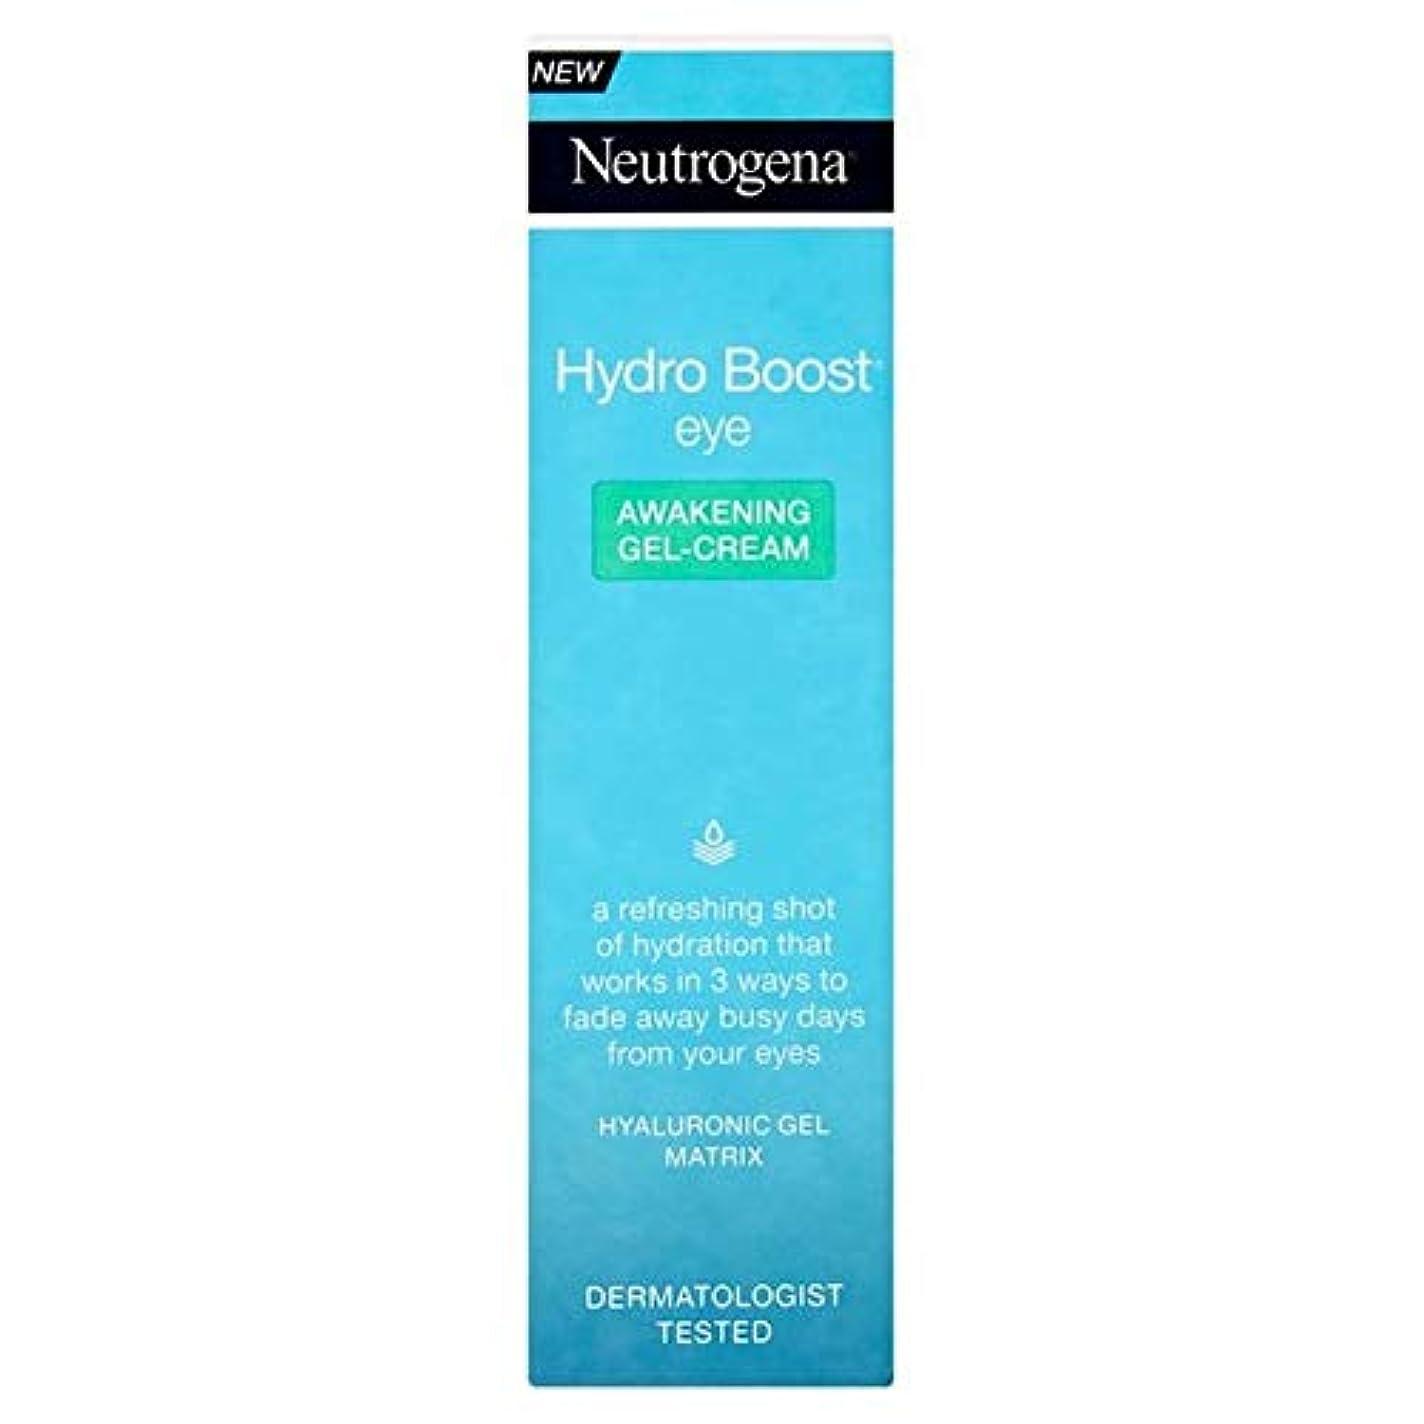 あそこ騒種[Neutrogena ] ニュートロジーナハイドロブーストアイ覚醒ゲルクリーム15Ml - Neutrogena Hydro Boost Eye Awakening Gel-Cream 15ml [並行輸入品]